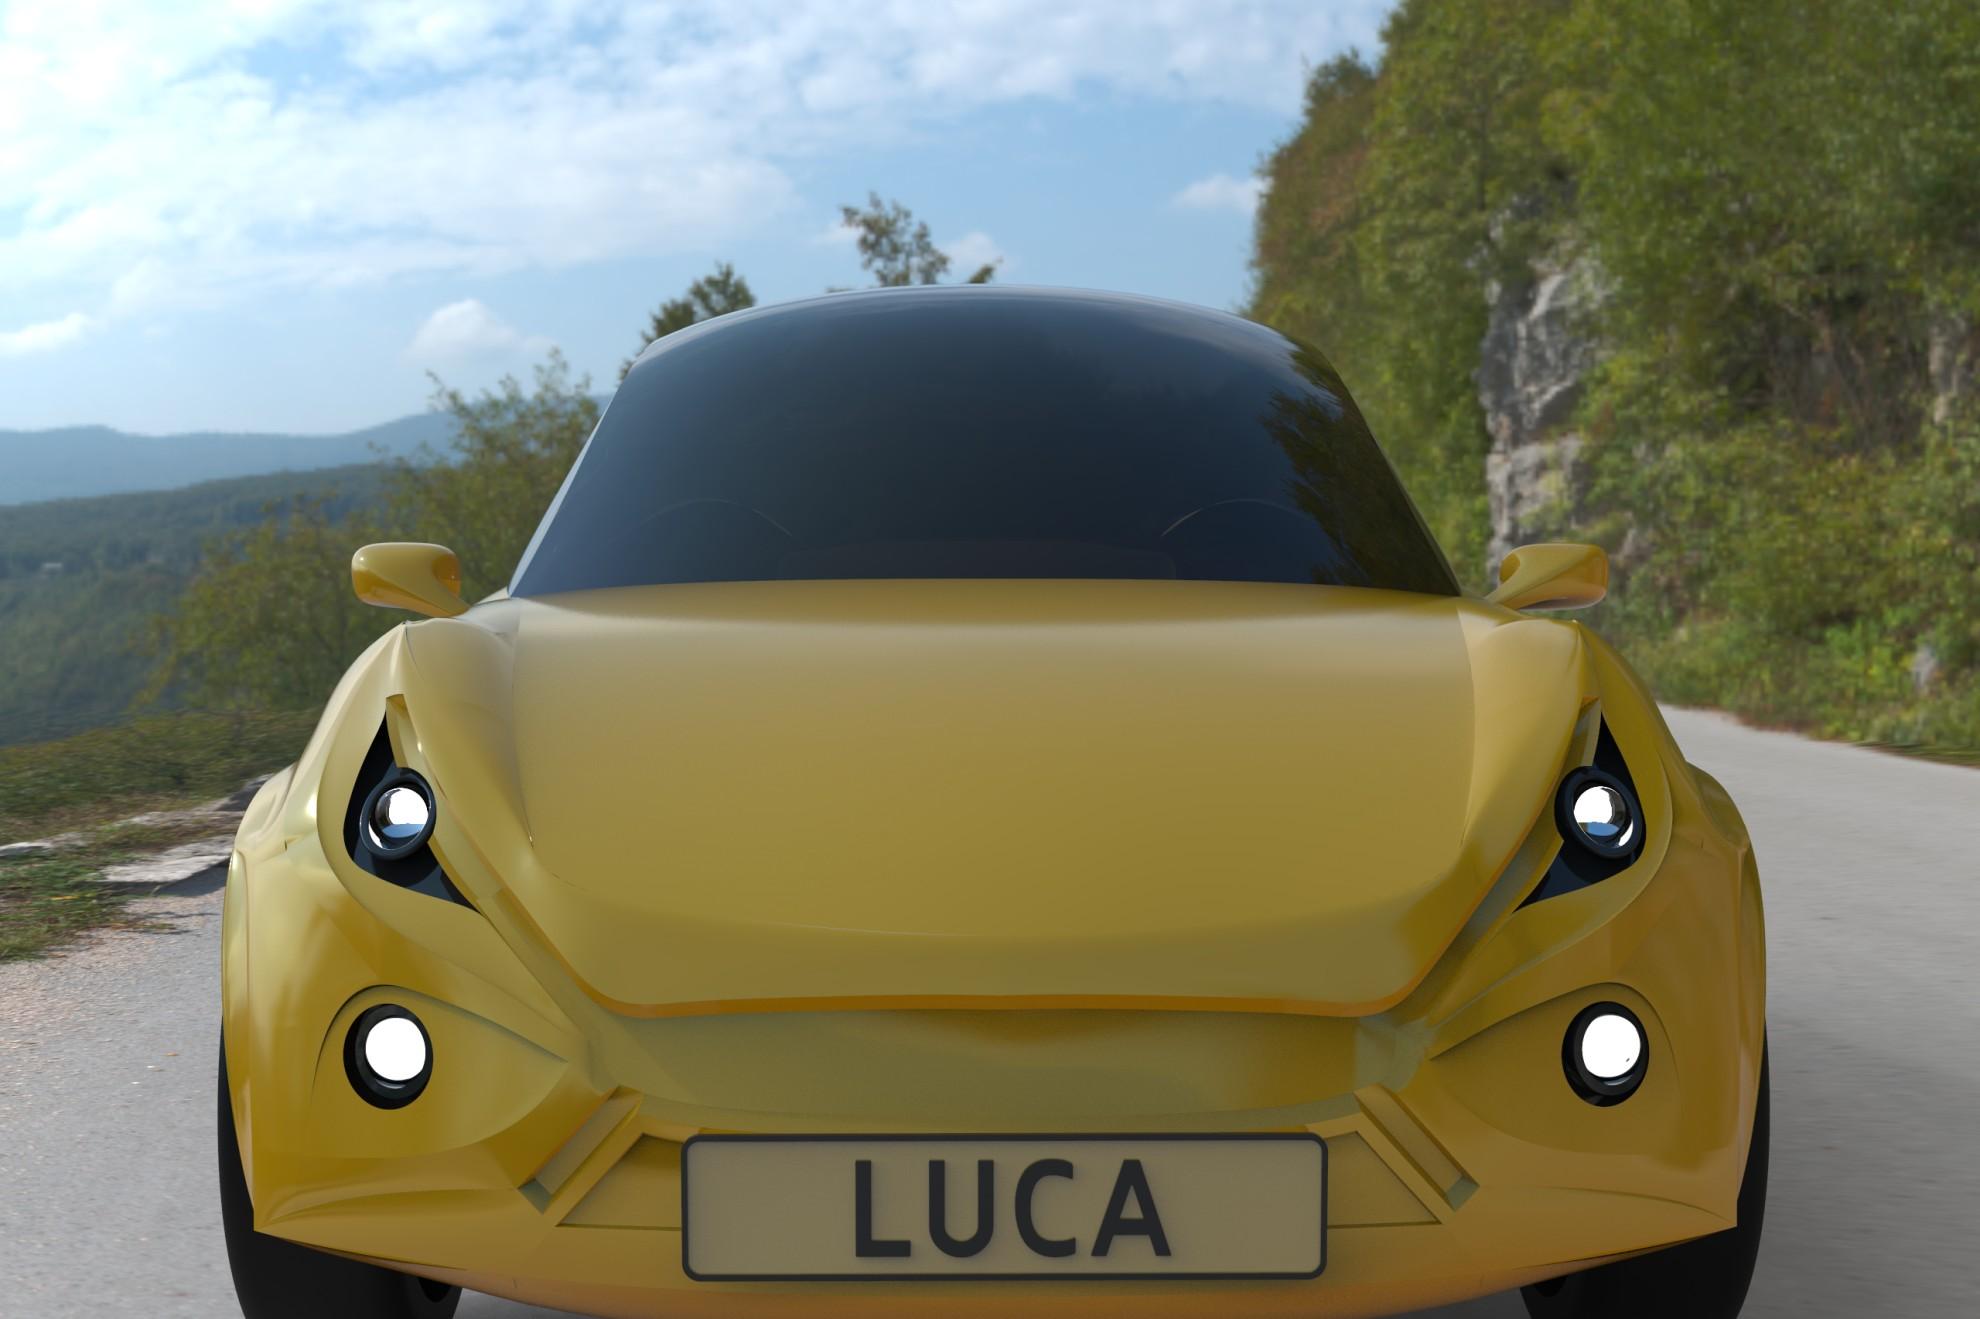 Luca wäre ein guter Großstadt-Zweisitzer. (Foto: Luxion / TU/ecomotive)